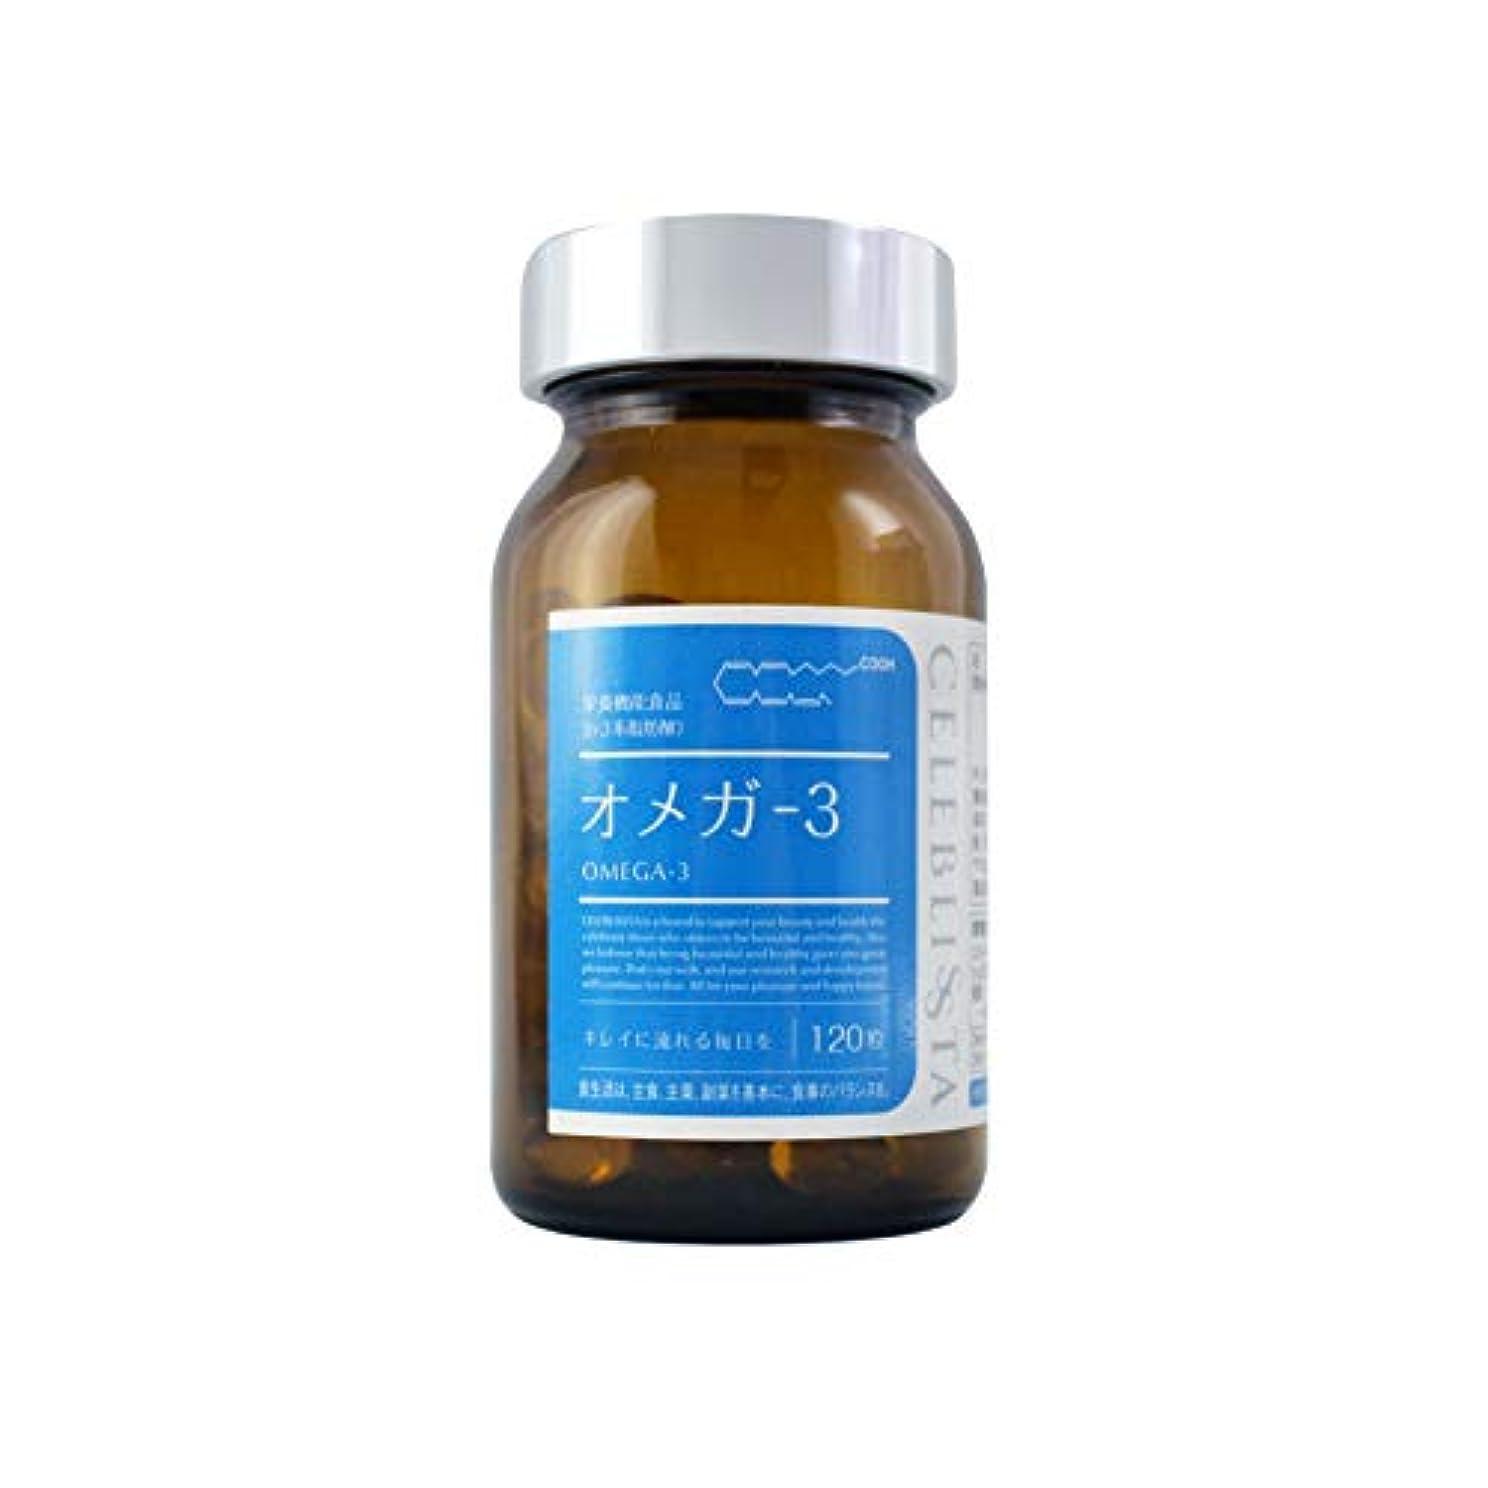 公ダッシュ版オメガ3 サプリ [セレブリスタ 公式] 植物由来オイル 脂肪酸配合 (日本製) 植物性ソフトカプセル使用 サプリメント (30日分 120粒)